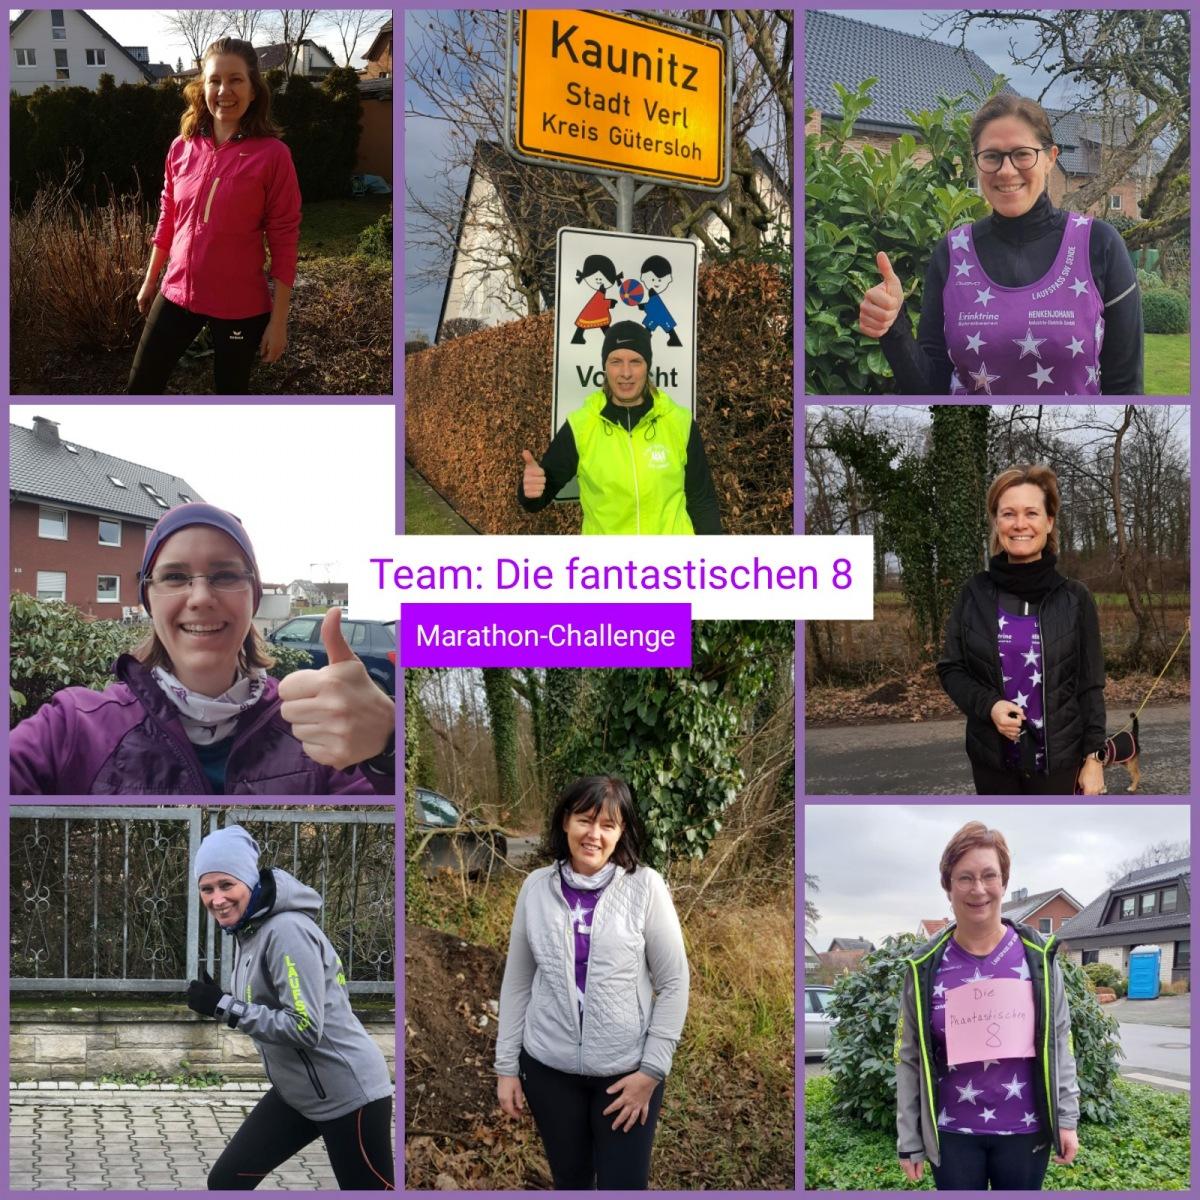 Fleiter-Tews-Kerstin-4-Challenge-Marathon-Team-bxFn5